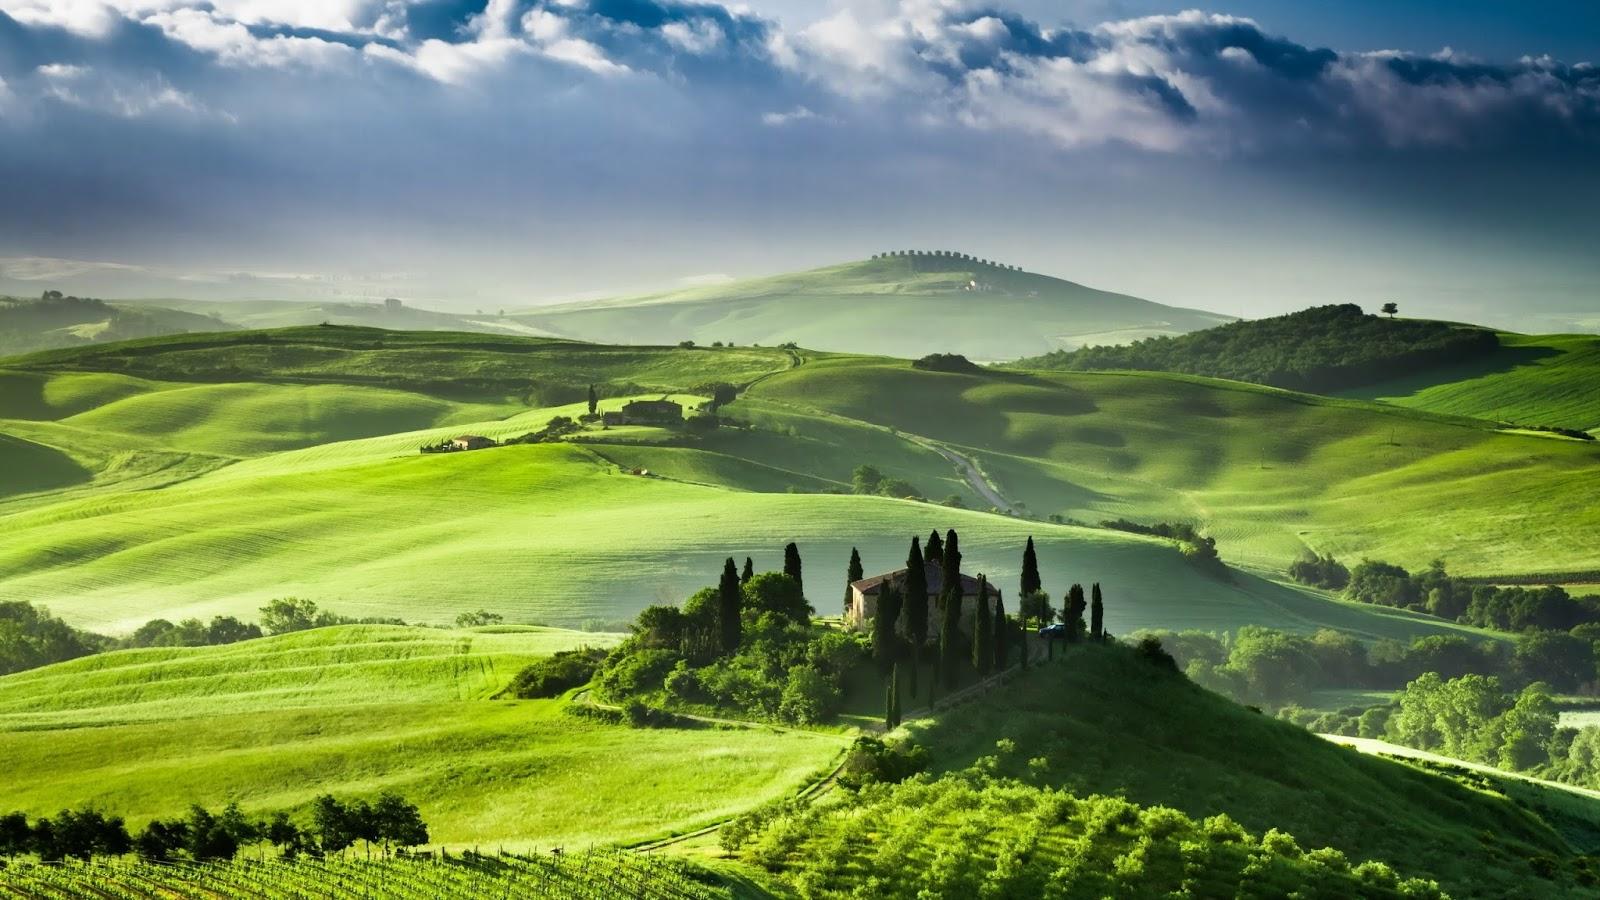 http://4.bp.blogspot.com/-Poj23y2BtII/Ug6QdAEe8nI/AAAAAAAB3eQ/uSxqNRFkF_c/s1600/tuscana-tuscany.jpg